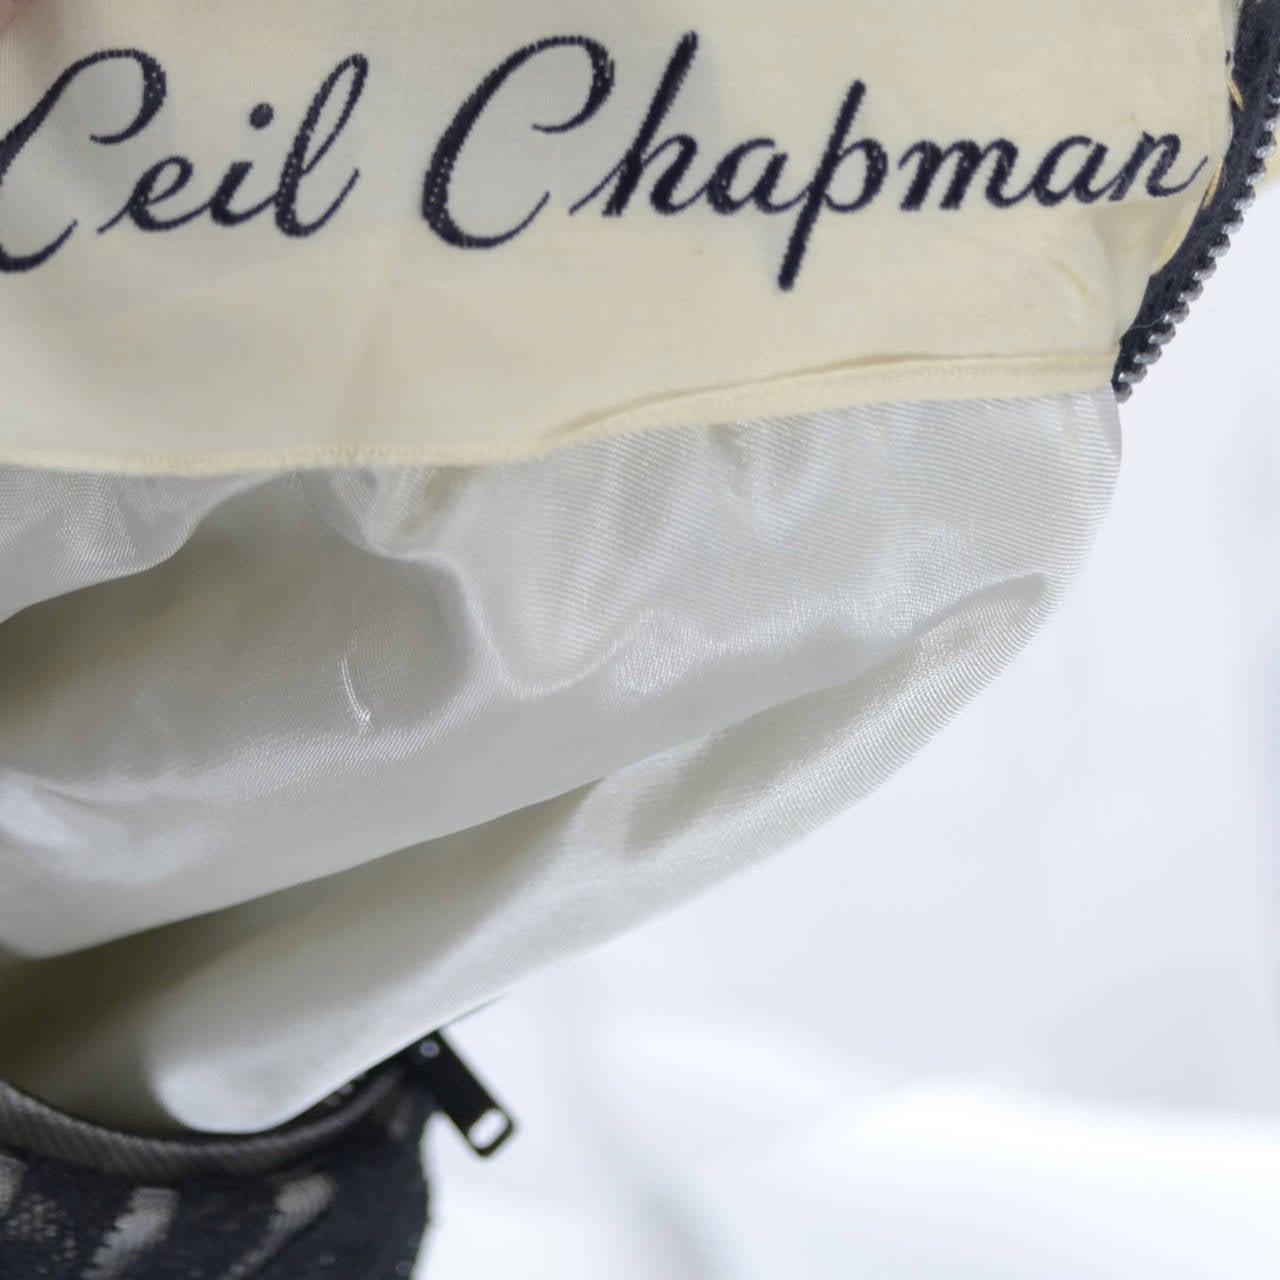 Ceil Chapman 1950s Vintage Dress Lace 50s Party Full Skirt 1950s  5